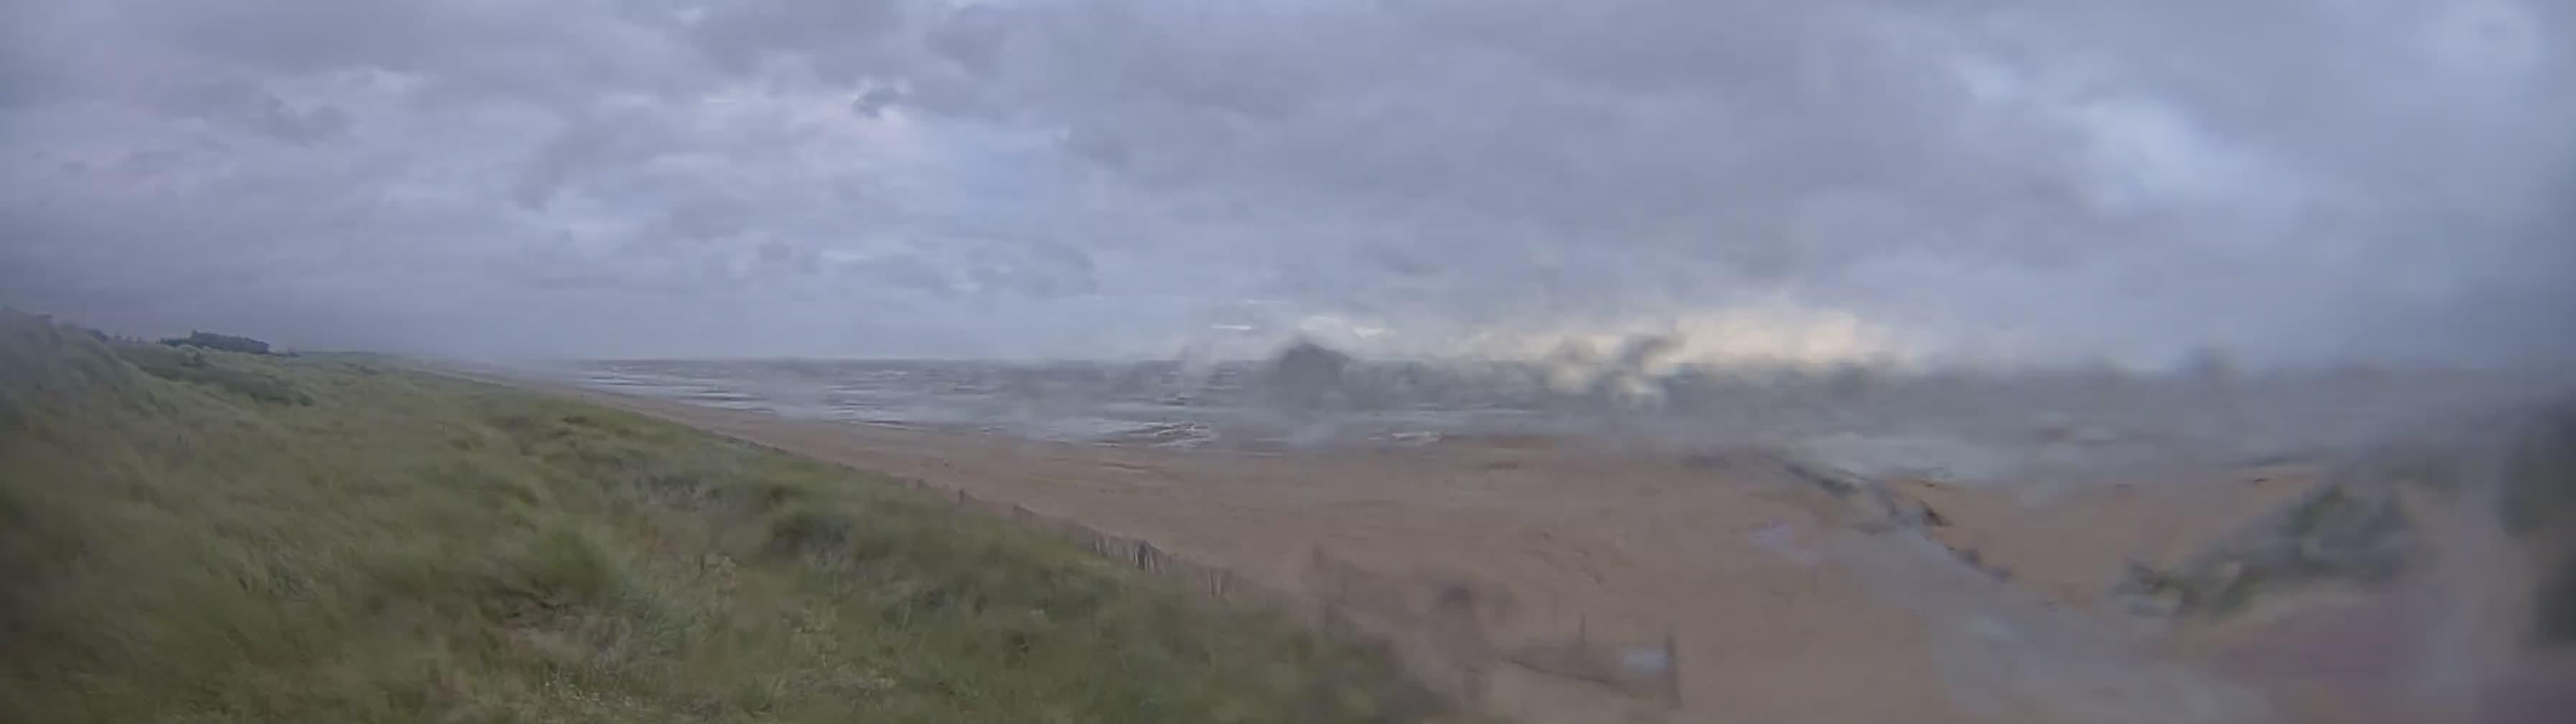 webcam Hauteville-sur-Mer